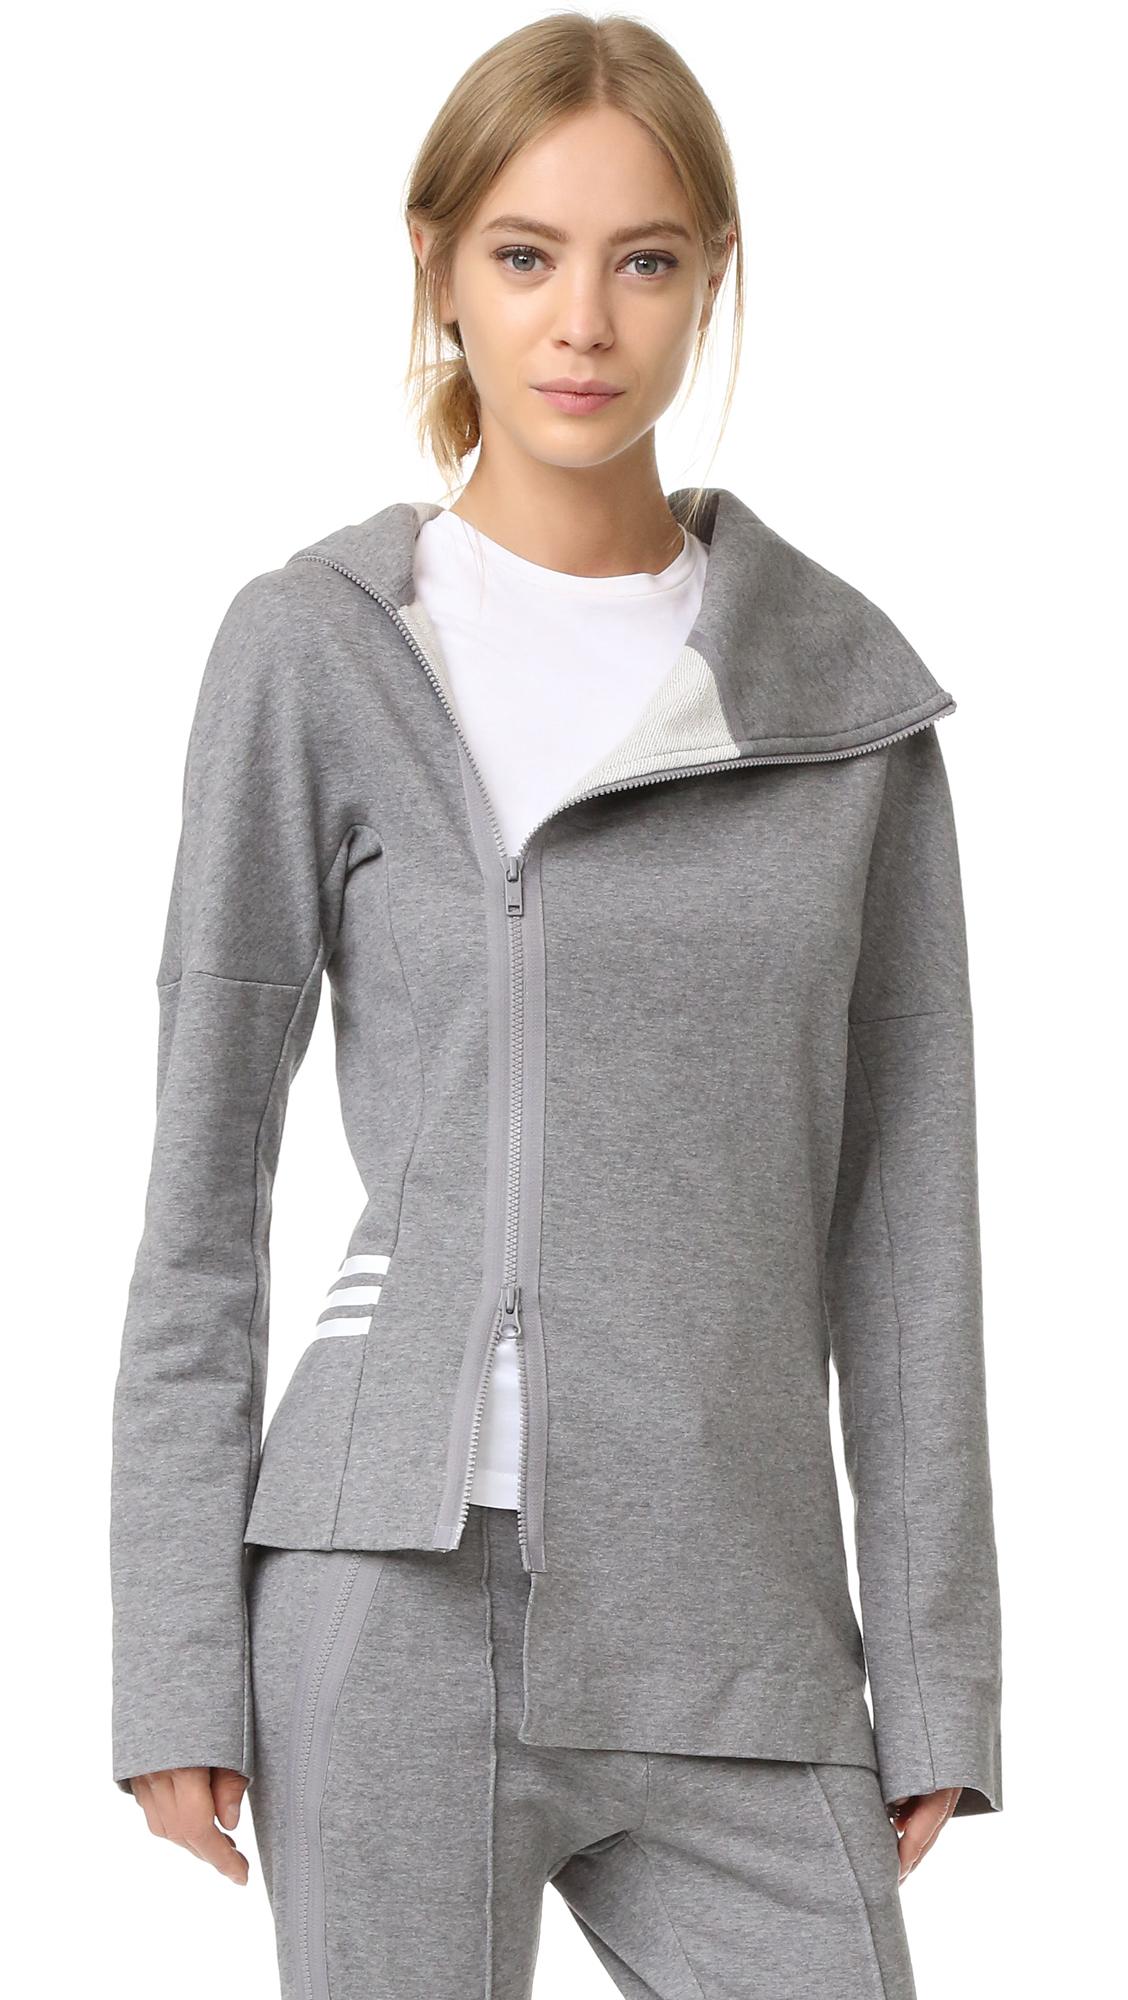 Y-3 Y-3 Frost Zip Top - Medium Grey Heather